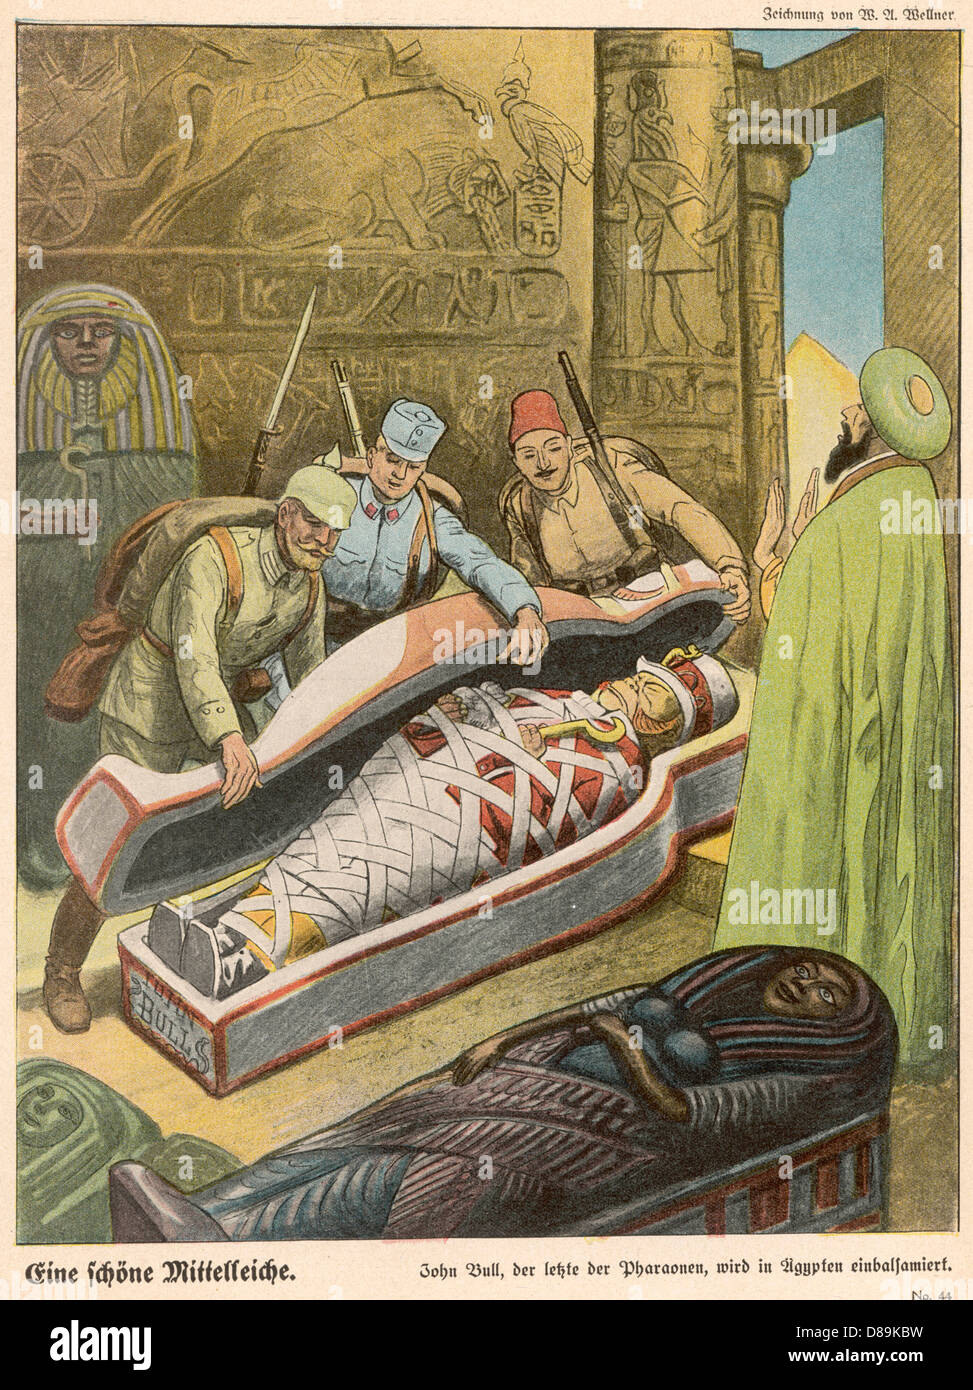 John Bulls Mummy - Stock Image